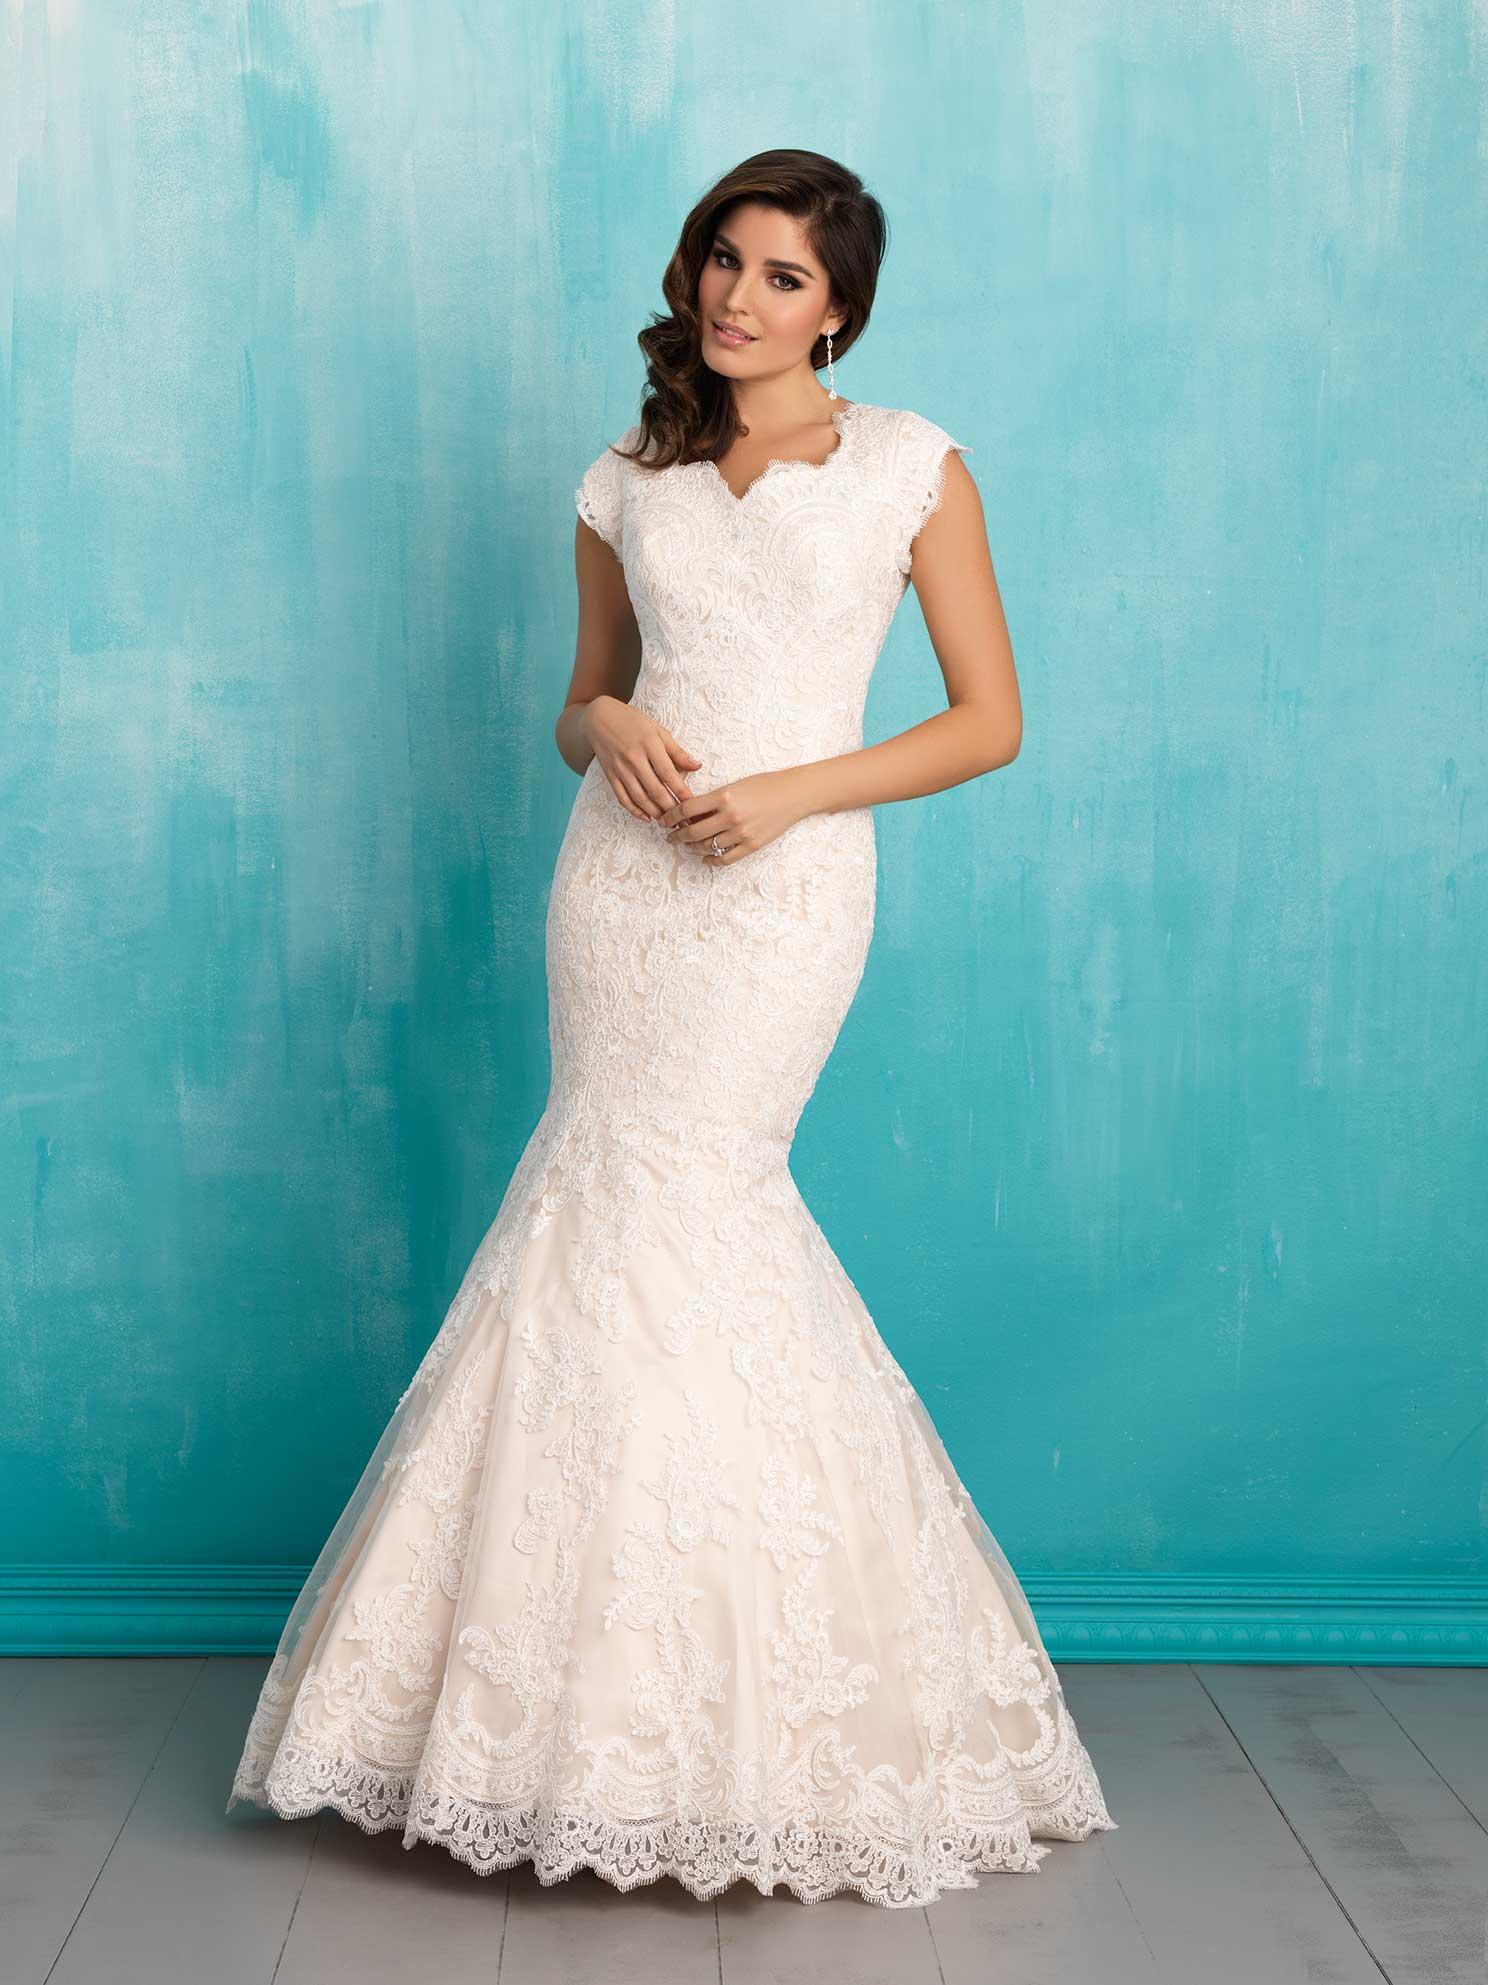 Modest Bridal Gown: Eva | Ann\'s Classic Affairs